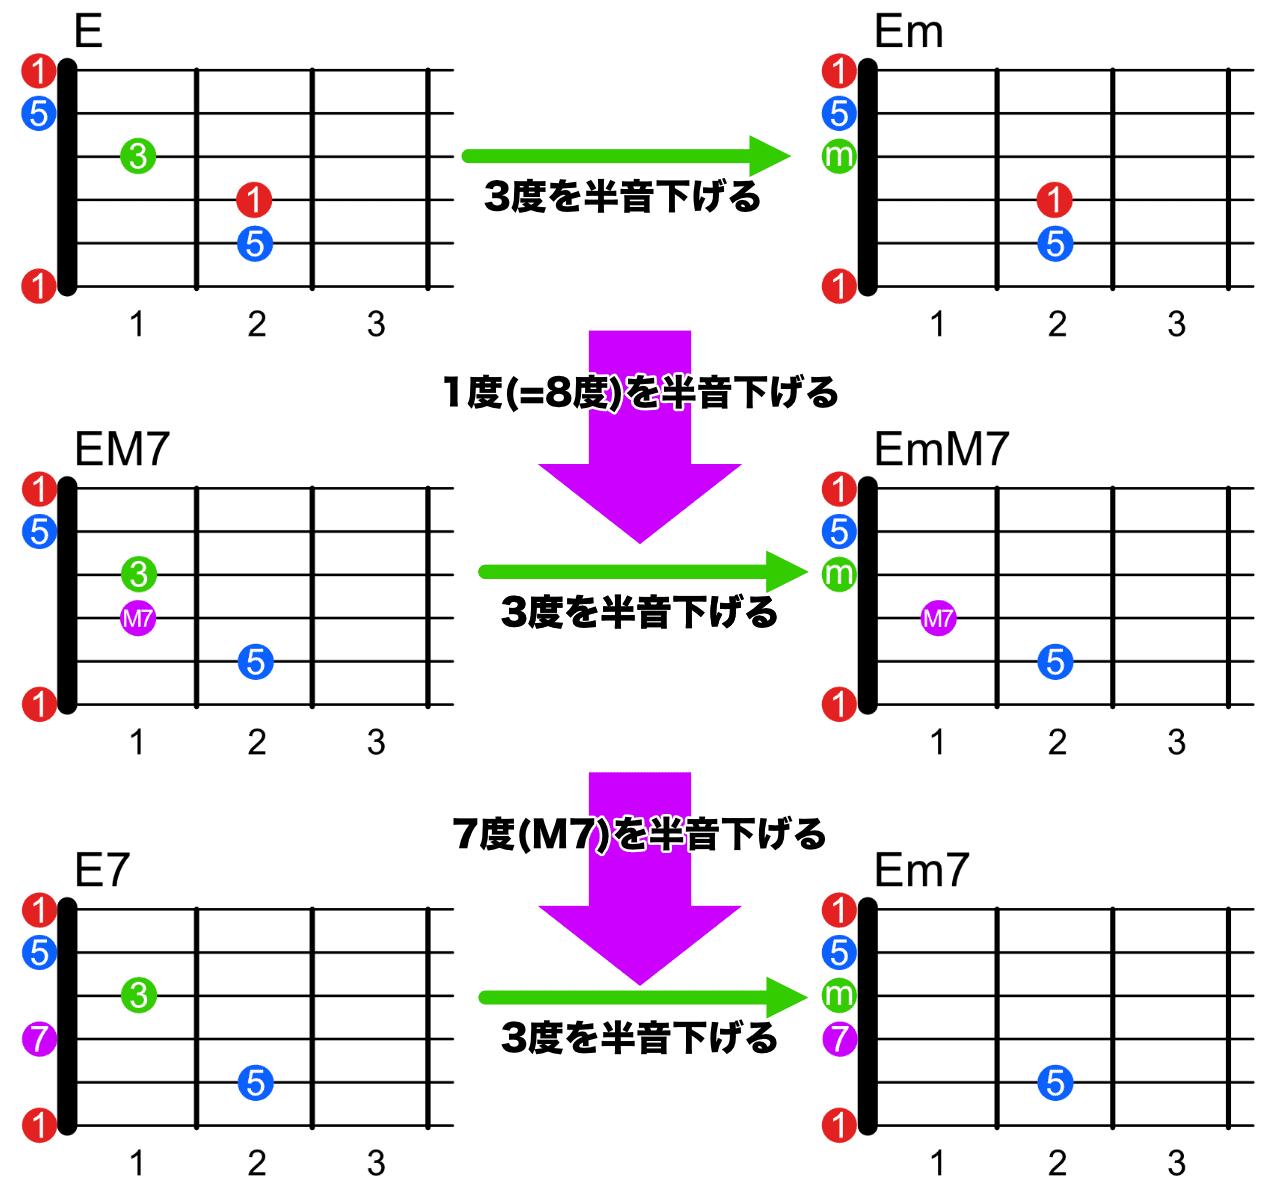 6弦ルートのコード一覧